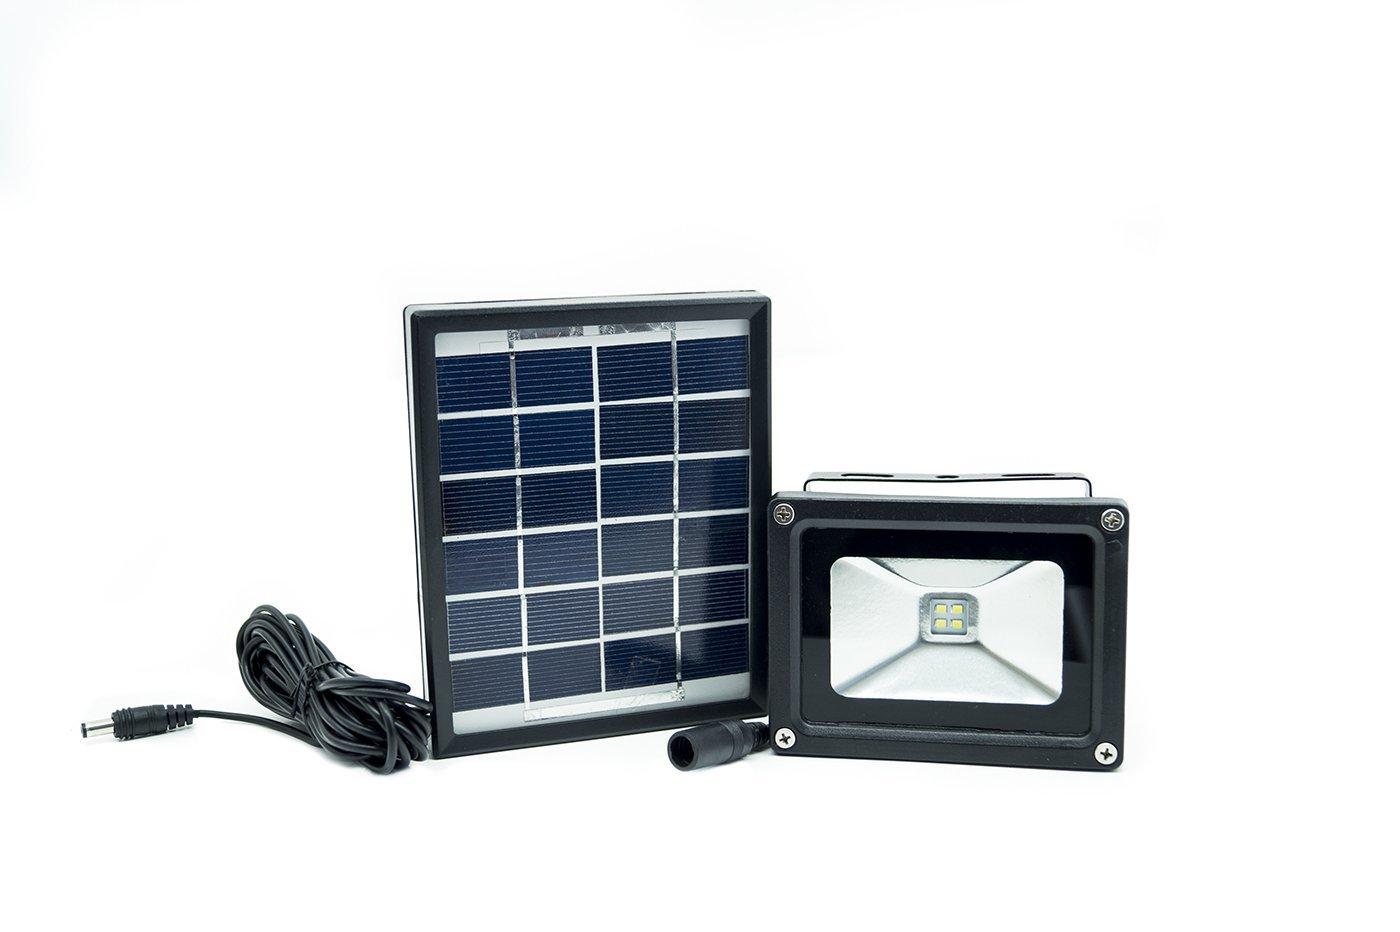 Plafoniere Con Pannello Solare : Faro led smd con pannello solare per illuminazione esterna